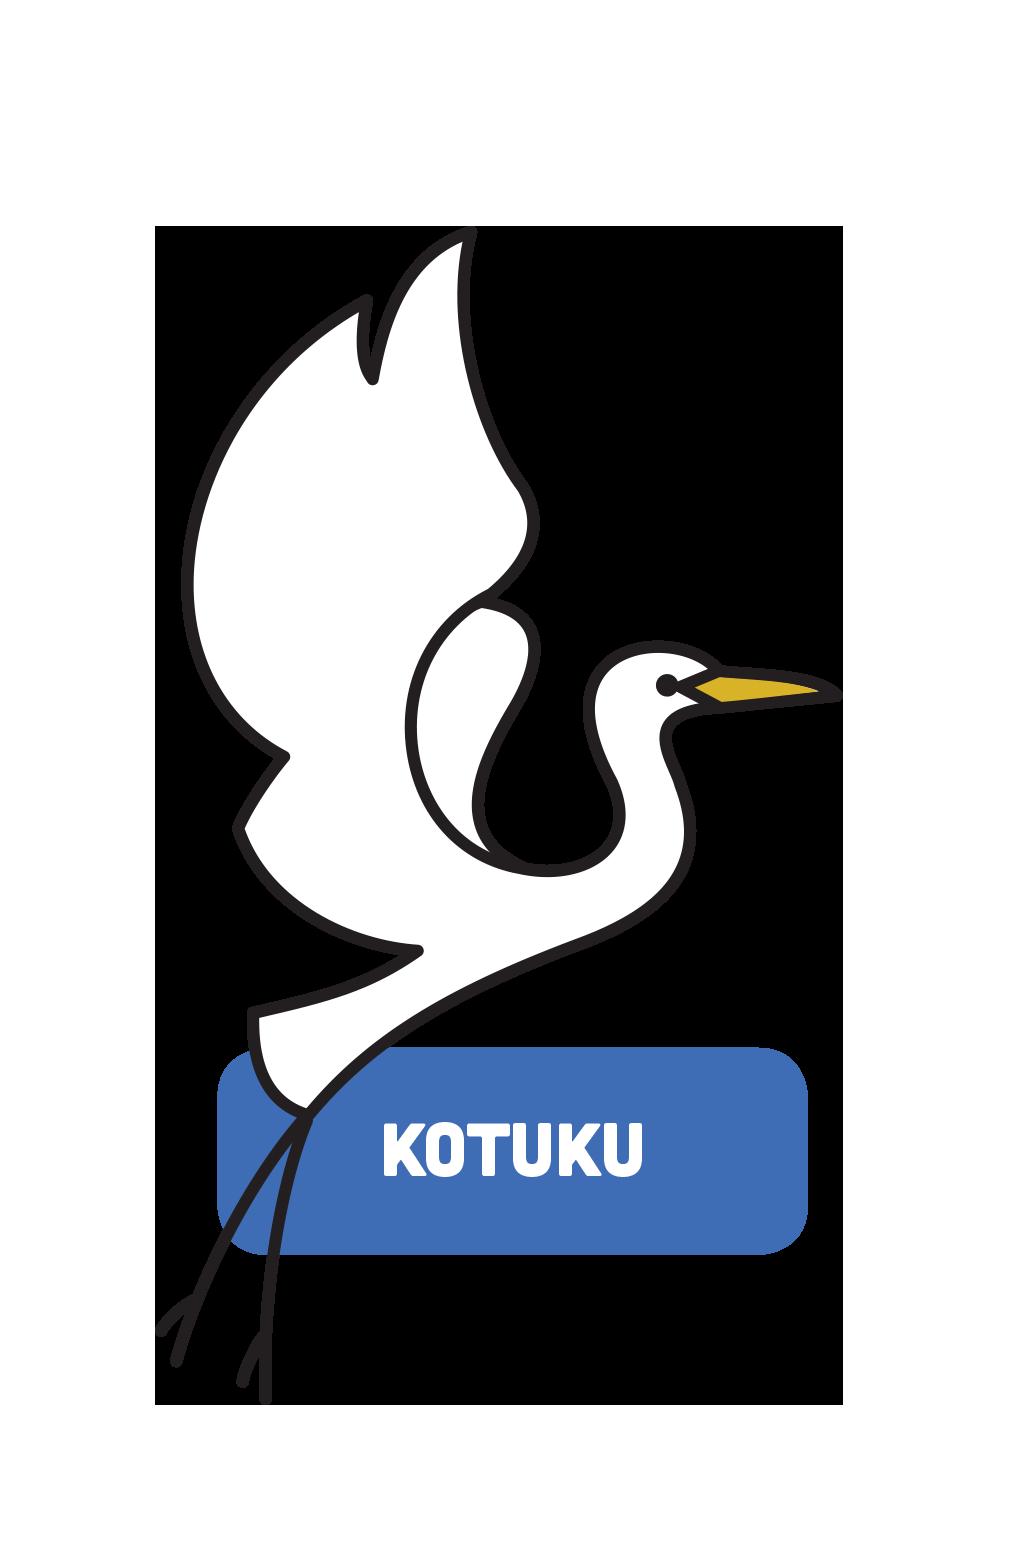 Kōtuku Pārua